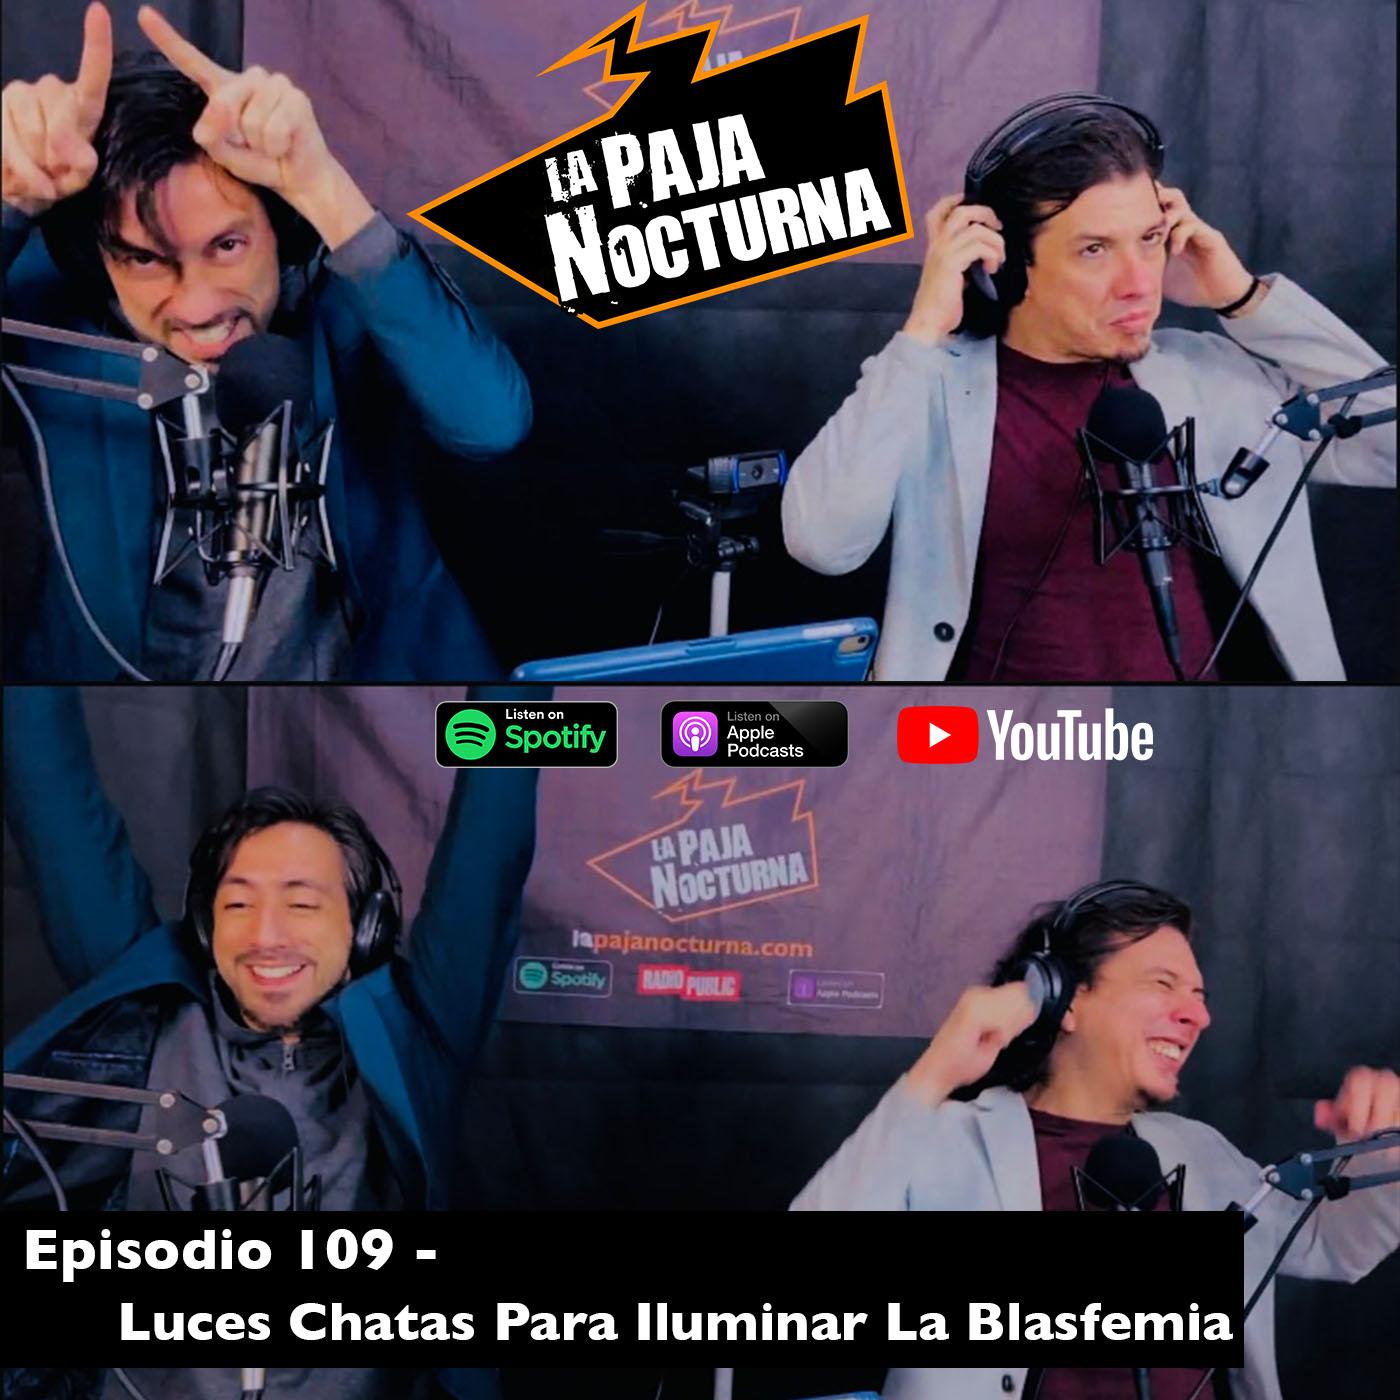 La paja nocturna podcast Episodio 109